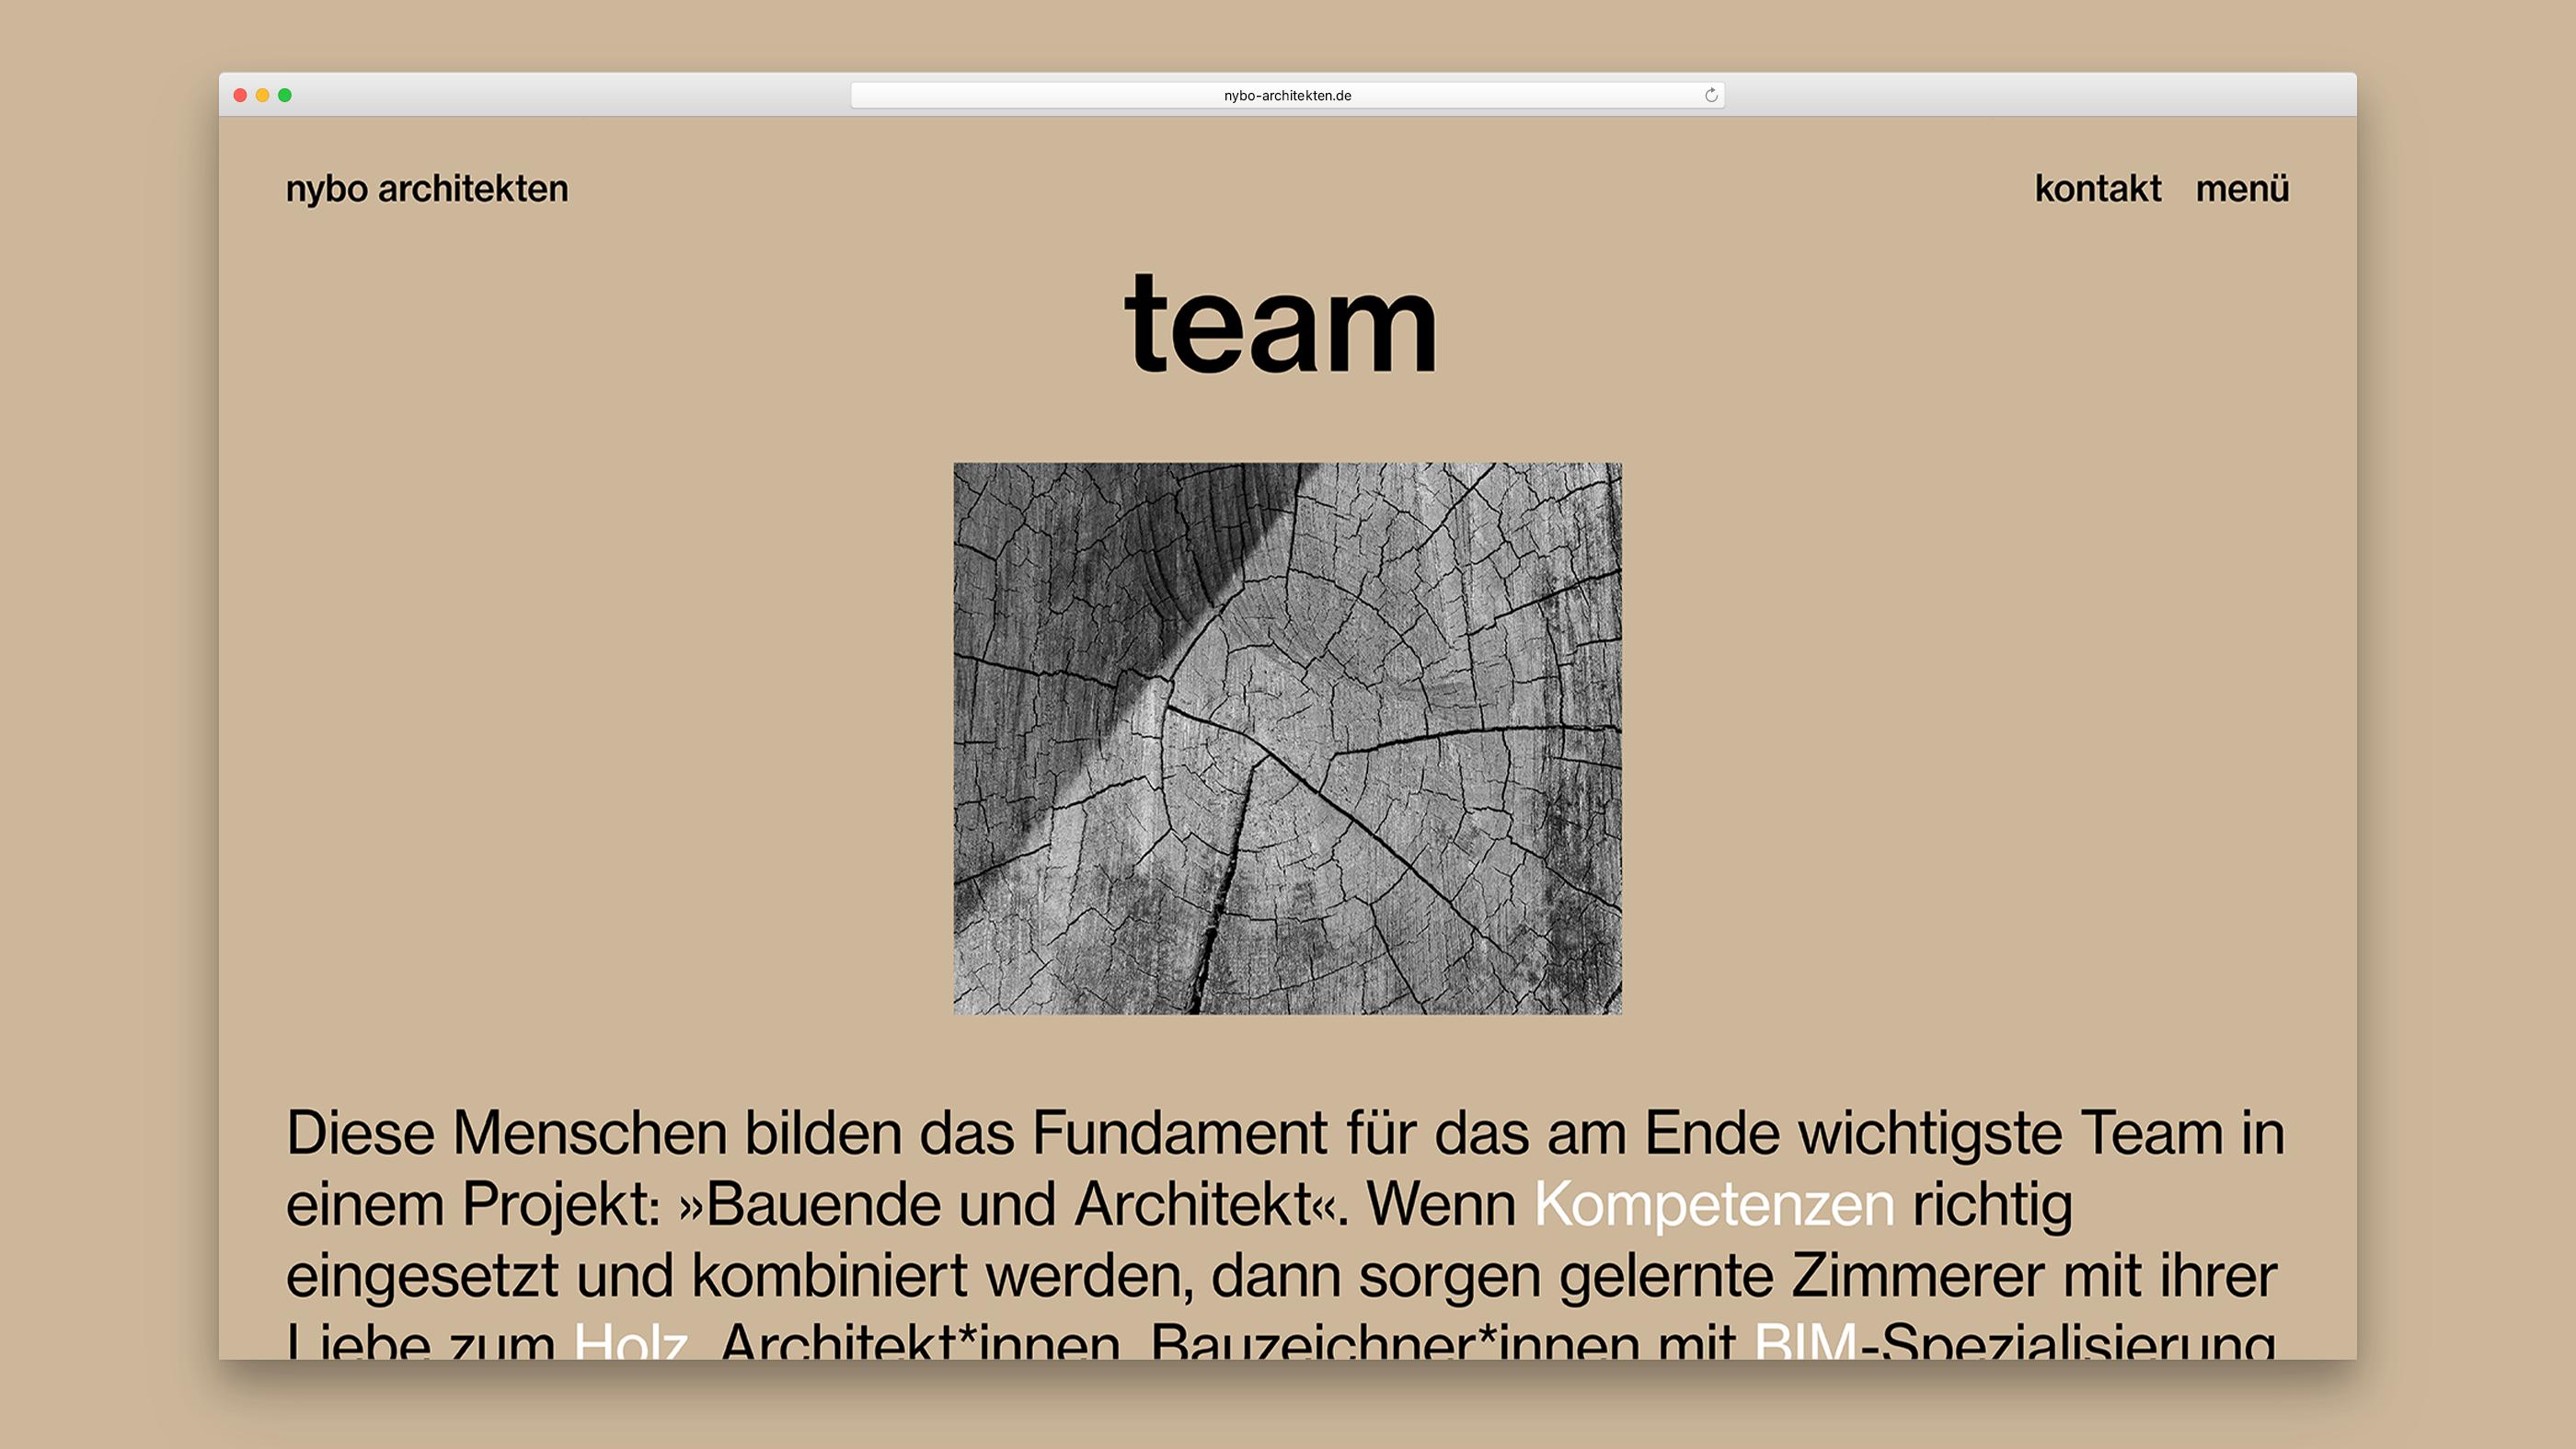 Bereichsseite Team von nybo architekten